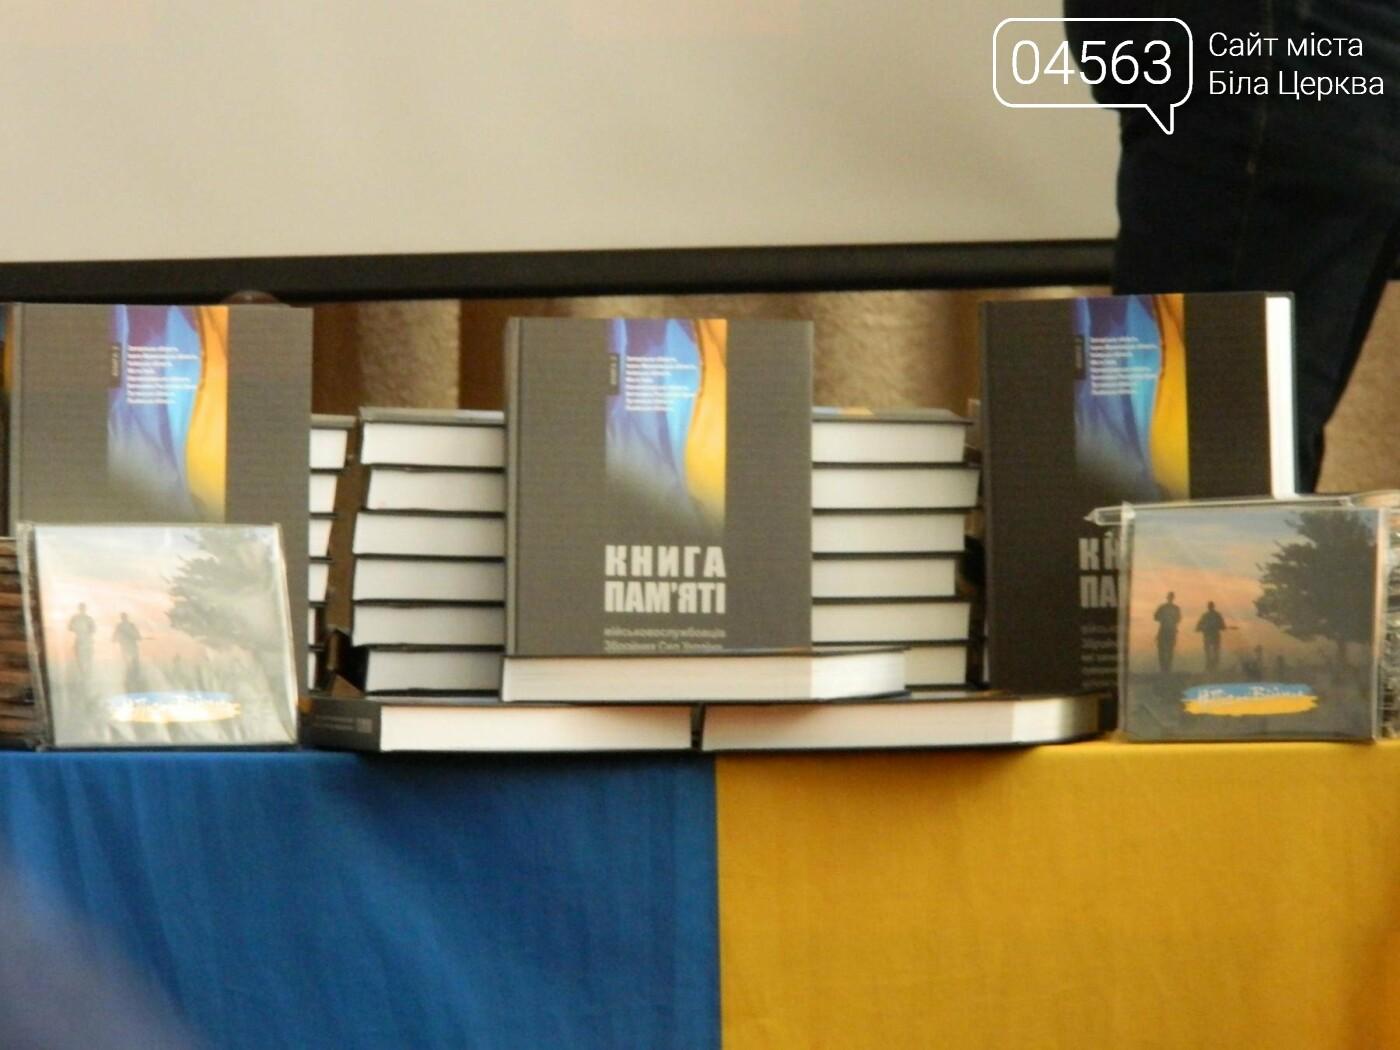 """У Білій Церкві презентували другий том """"Книги пам'яті"""" загиблих в АТО військовослужбовців"""